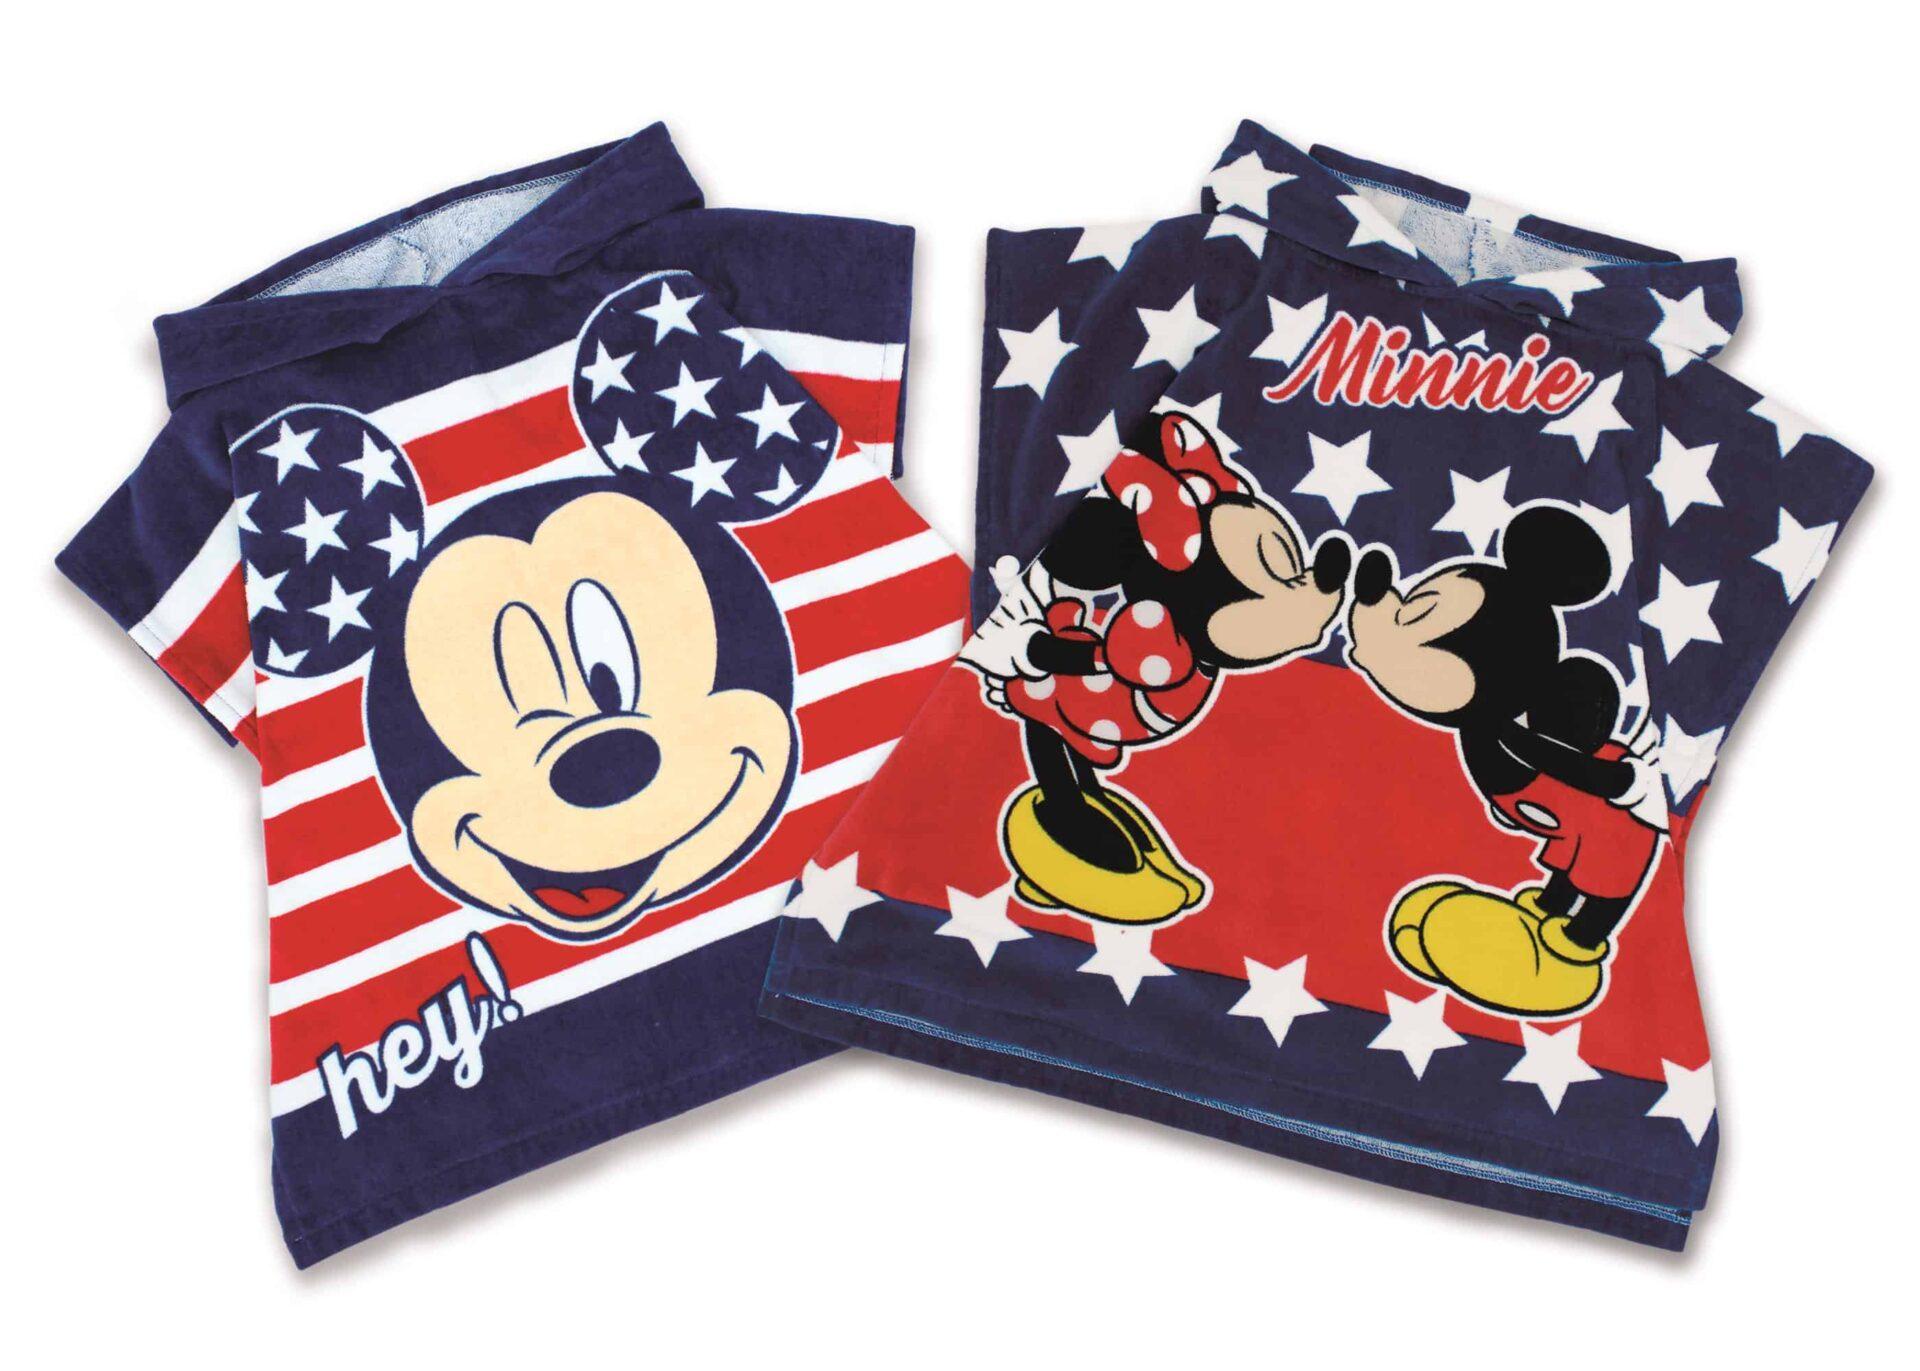 Promozione Original Marines: ai clienti un Summer Poncho Disney in regalo!